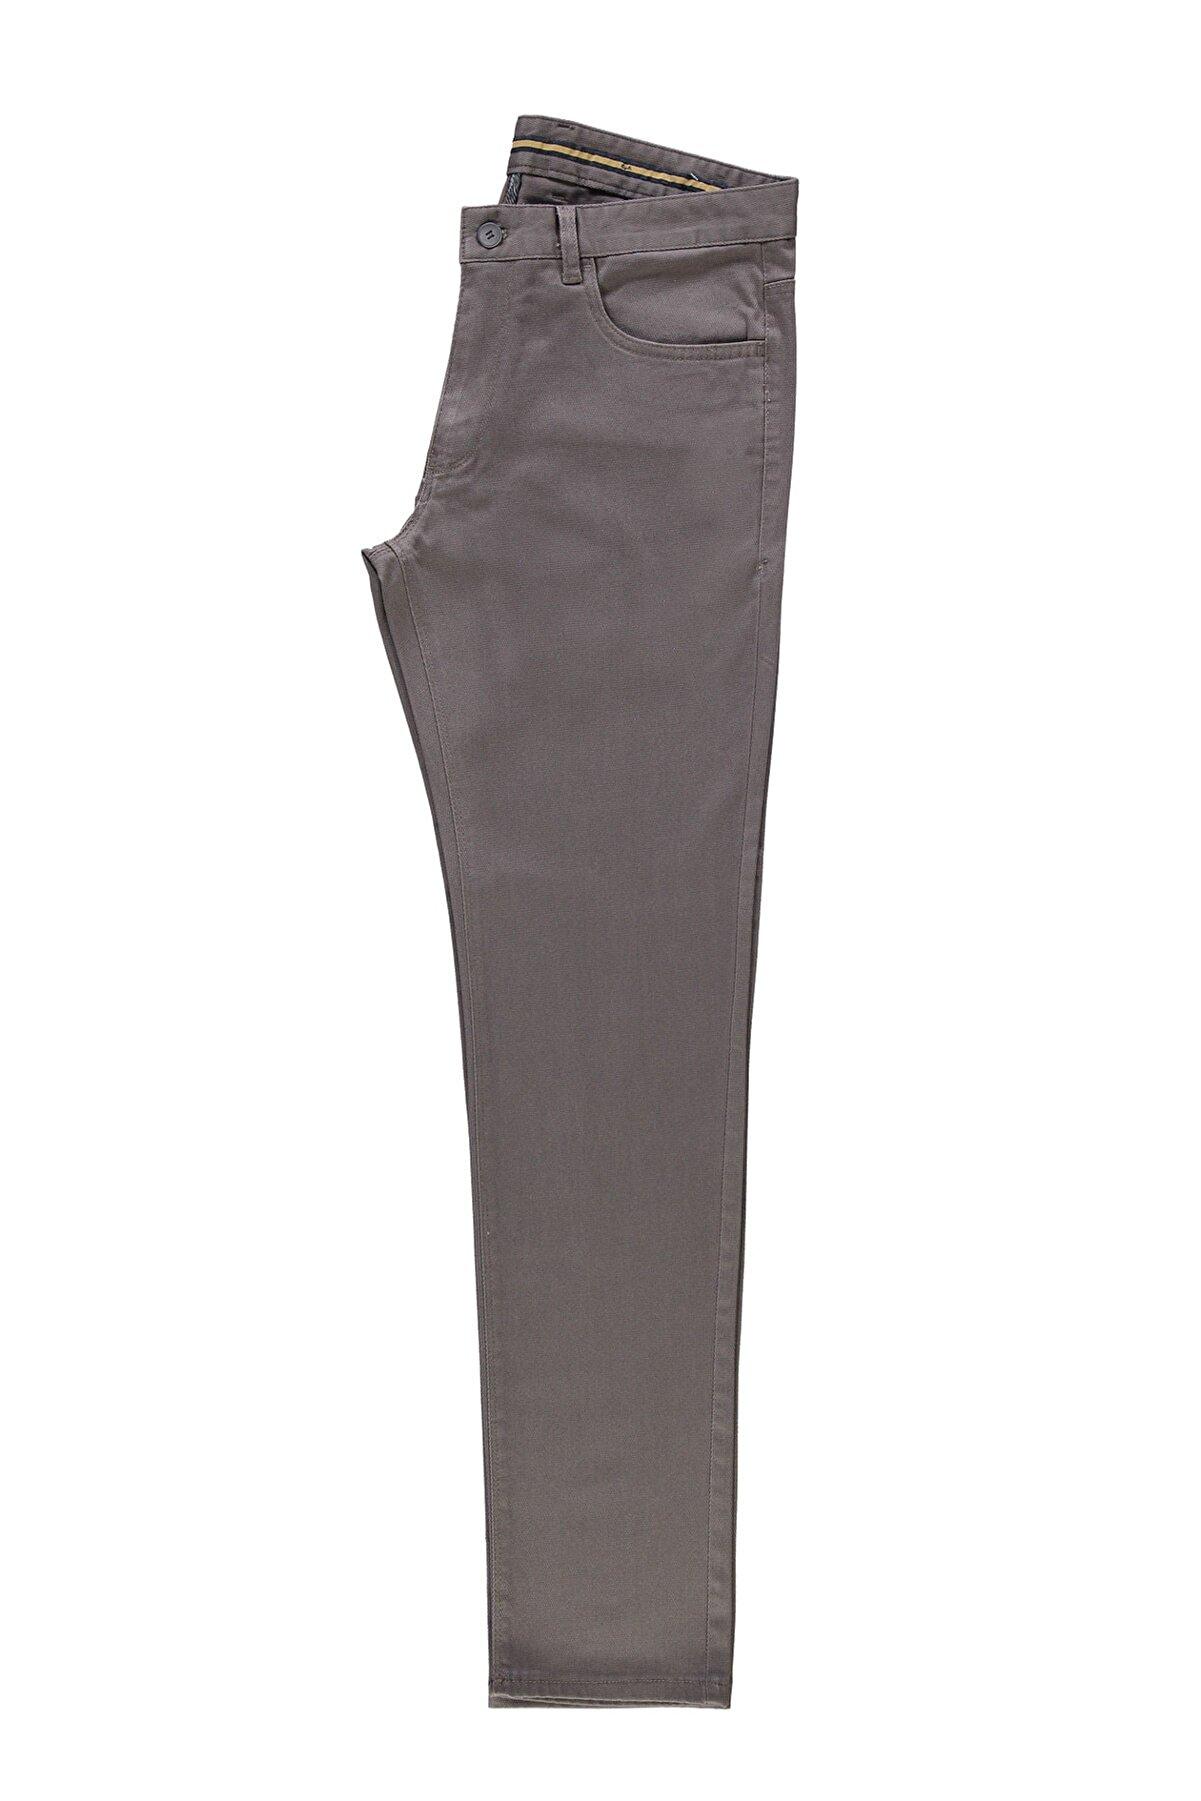 Kiğılı Erkek Haki Slim Fit Spor Desenli Pantolon 85836